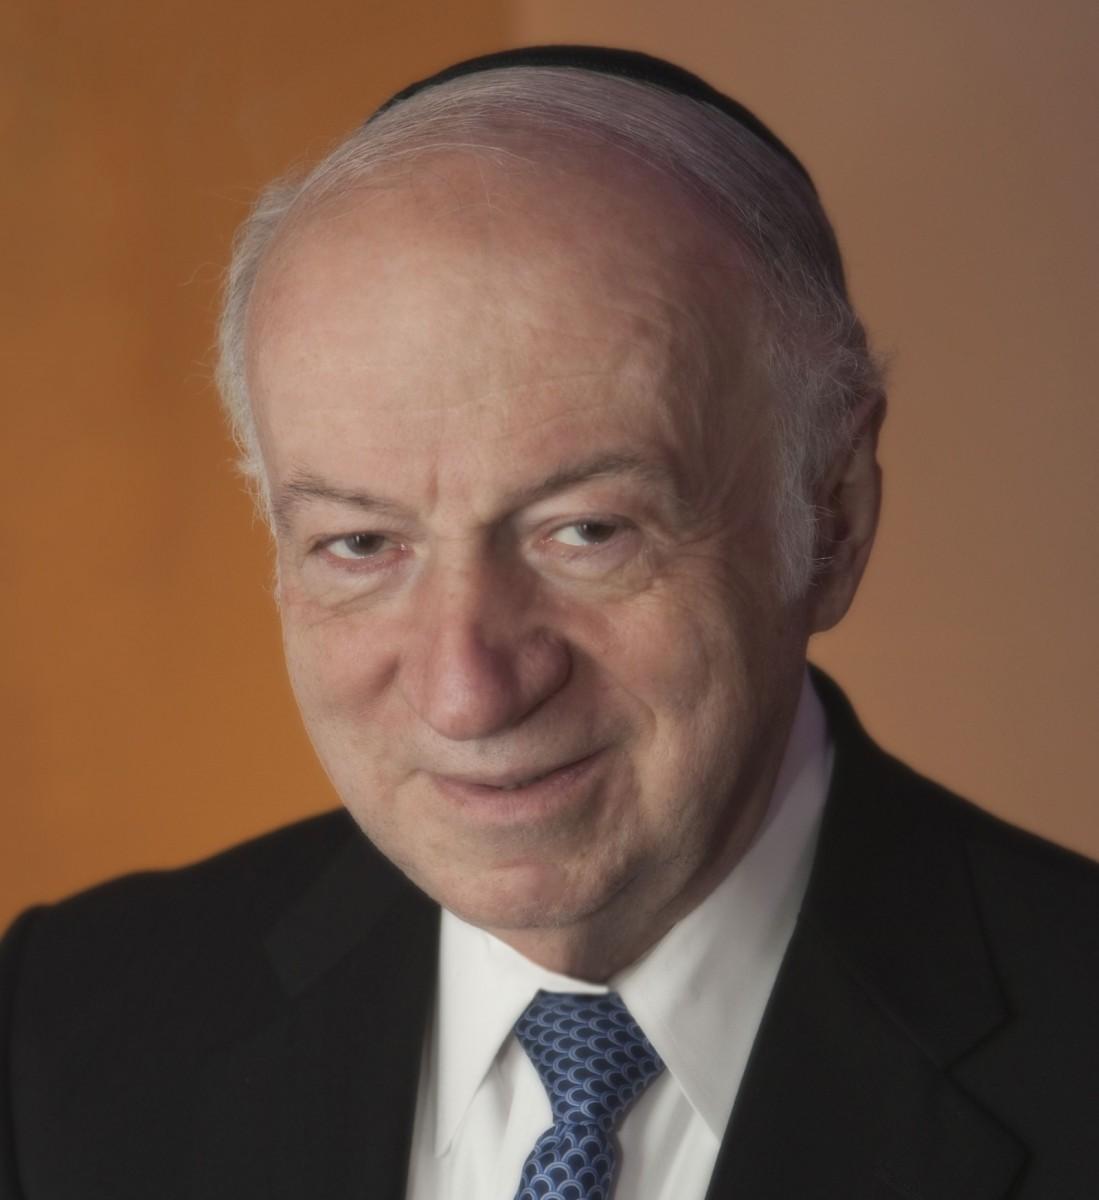 Zdjęcie - Julius Berman, Przewodniczący Zarządu, The Conference on Jewish Material Claims Against Germany